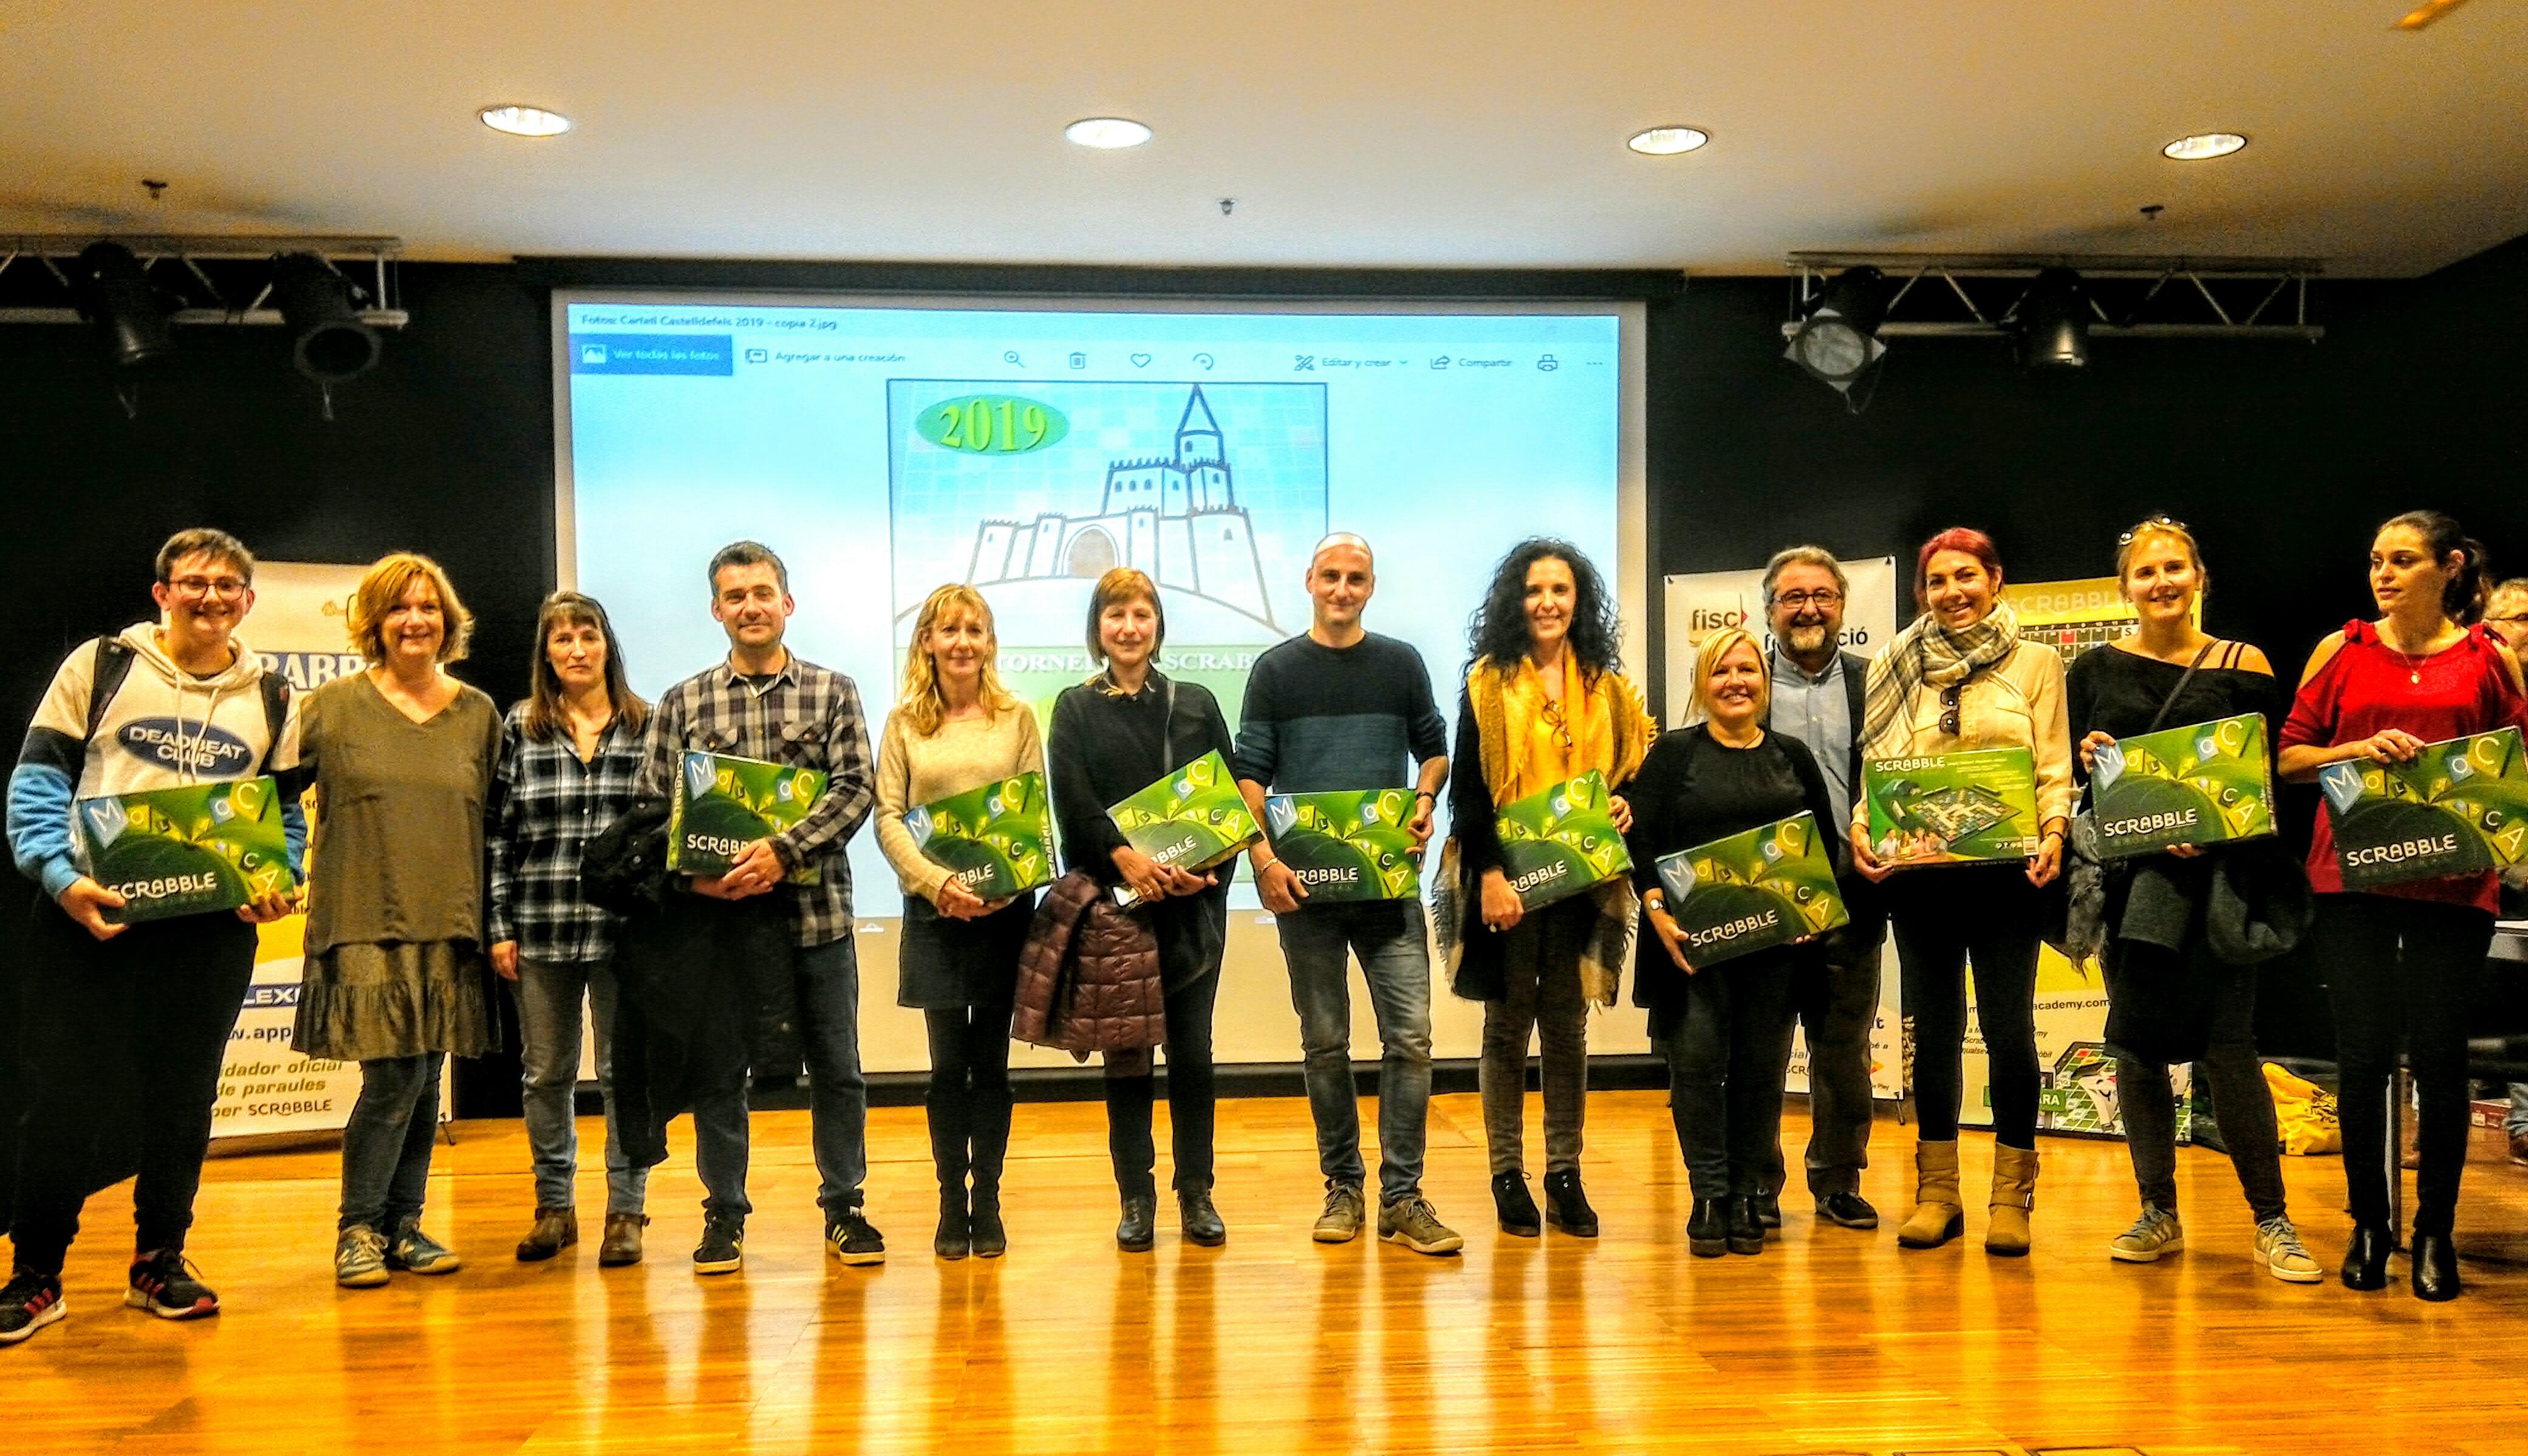 XXIV Campionat de Scrabble Escolar en Catala de Castelldefels 2019 Crònica i classificacions.